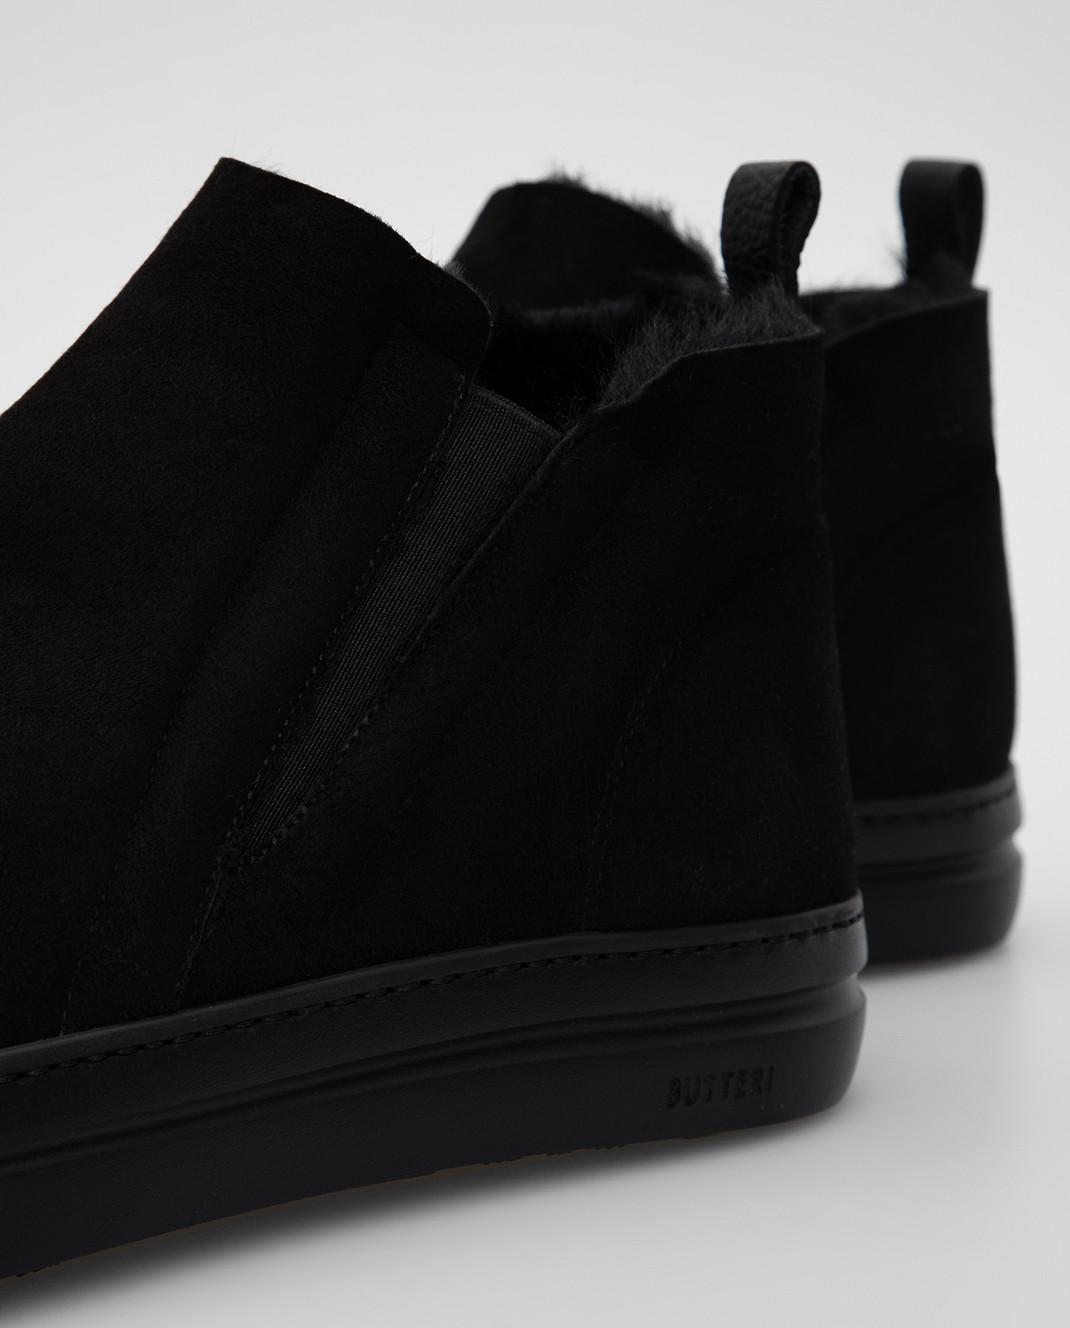 Gianfranco Butteri Черные замшевые ботинки на меху изображение 5